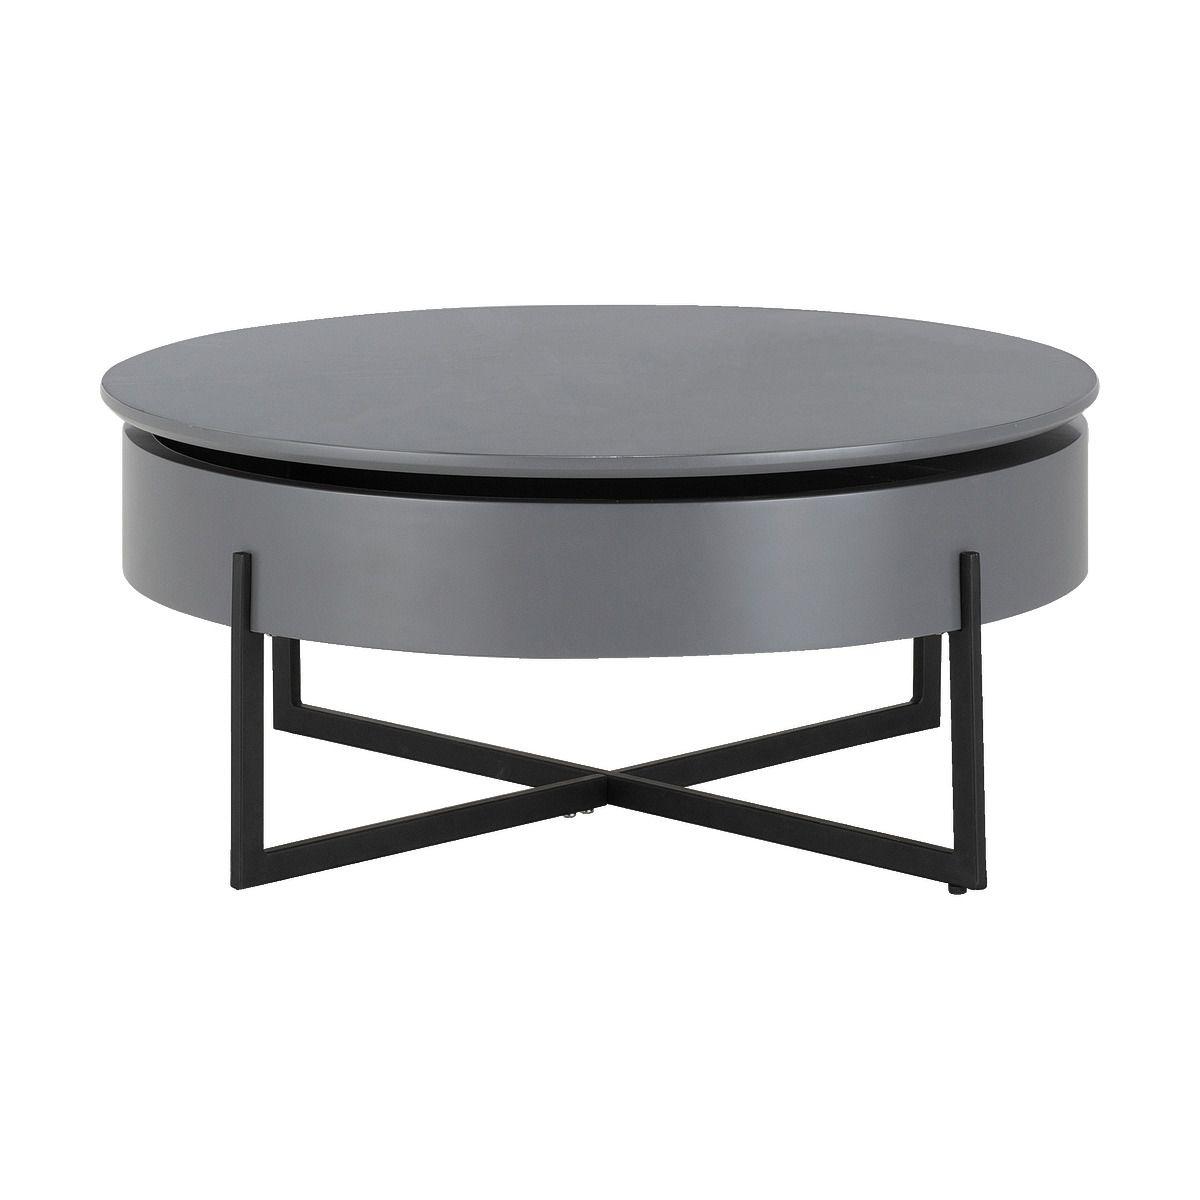 Mobilier Astucieux Une Table Basse Aux Courbes Douces Qui Devoile Sous Son Plateau Un Large Espace De Rangeme En 2020 Table Basse Table Basse Moderne